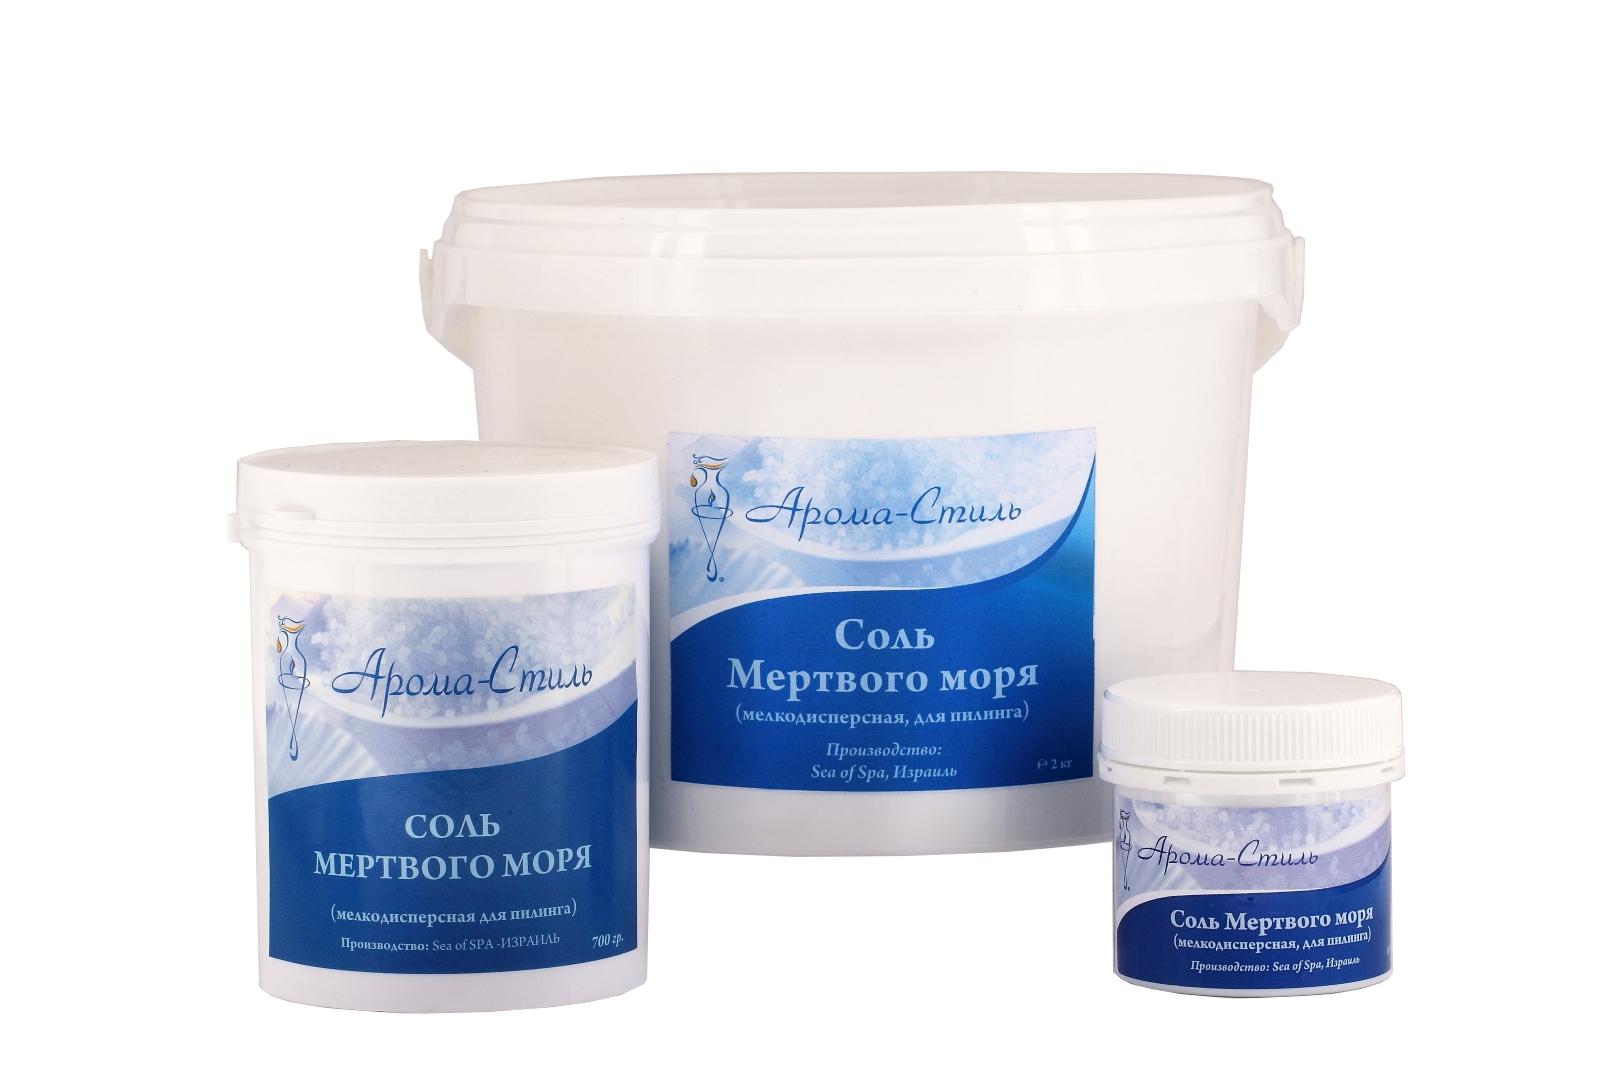 Как использовать соль Мертвого моря